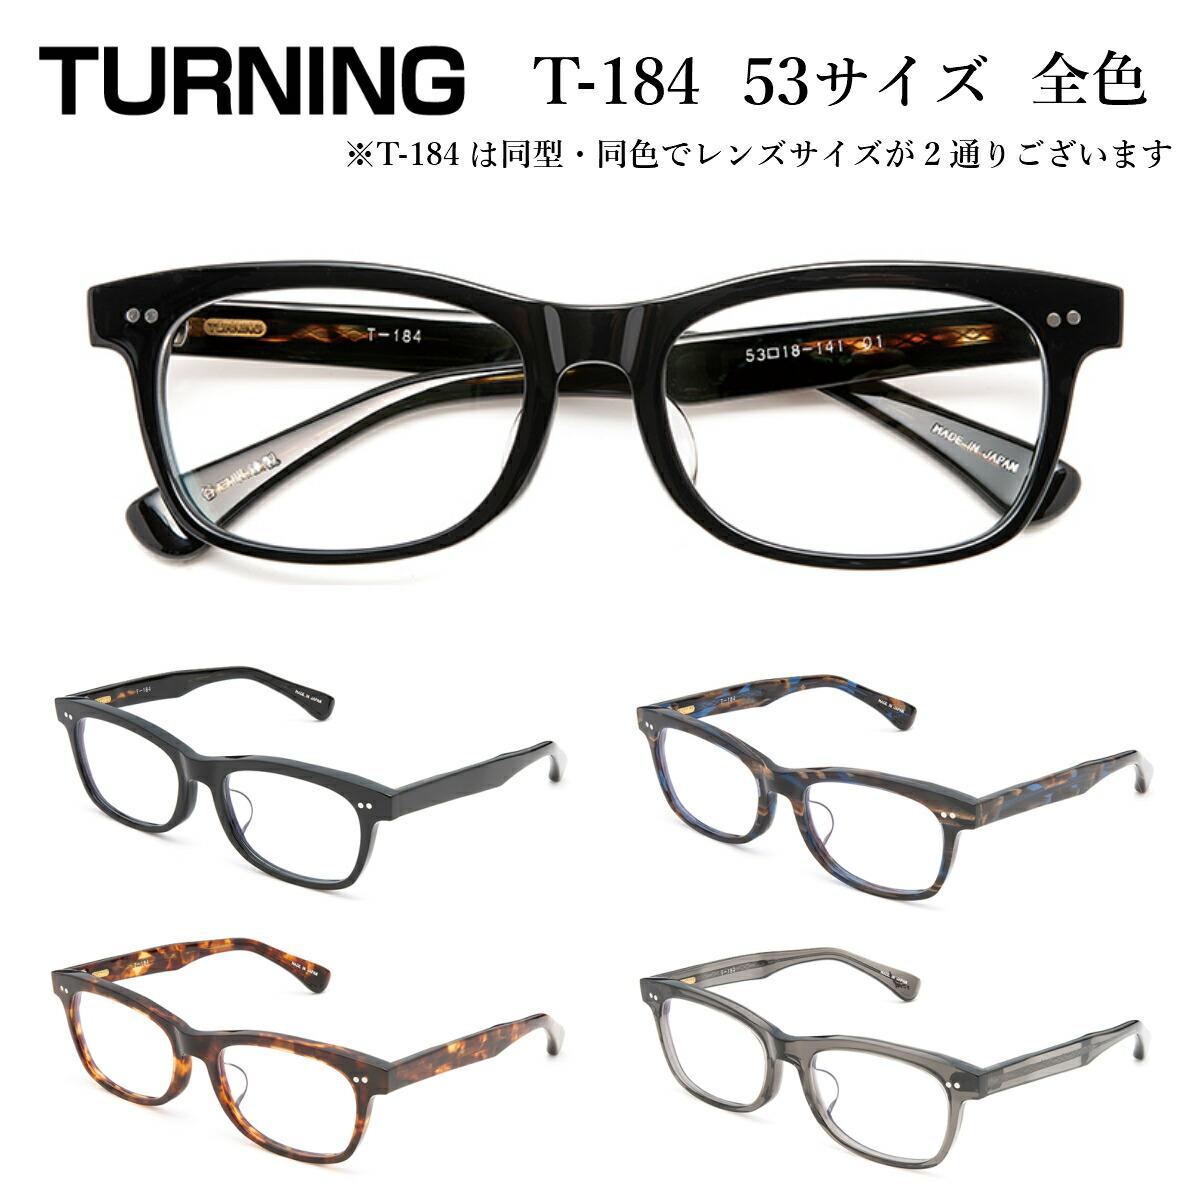 TURNING ターニング 谷口眼鏡 T-184 53 サイズ 全色 メガネ 眼鏡 めがね フレーム 度付き 度入り 対応 セル プラスチック 日本製 国産 鯖江 SABAE ウェリントン スクエア メンズ レディース 男 女 兼用 クラシック 【送料無料】